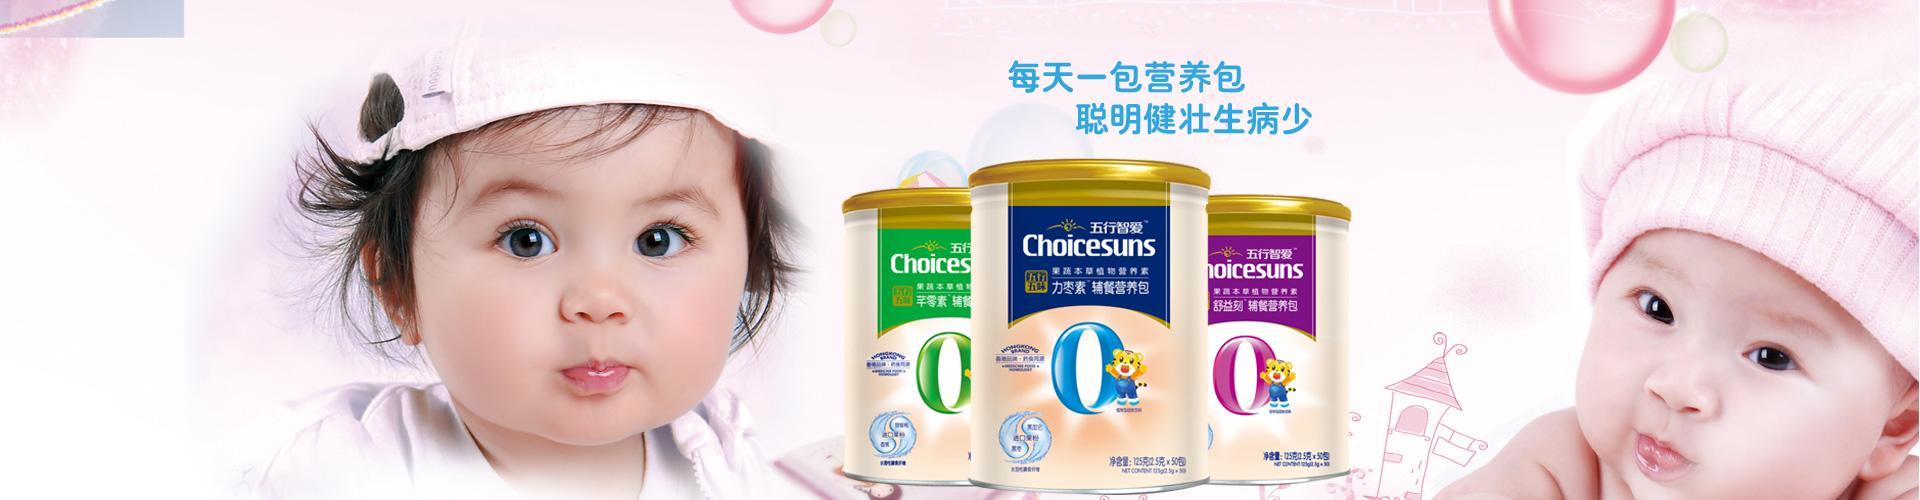 婴幼儿营养包来自千万妈妈的选择